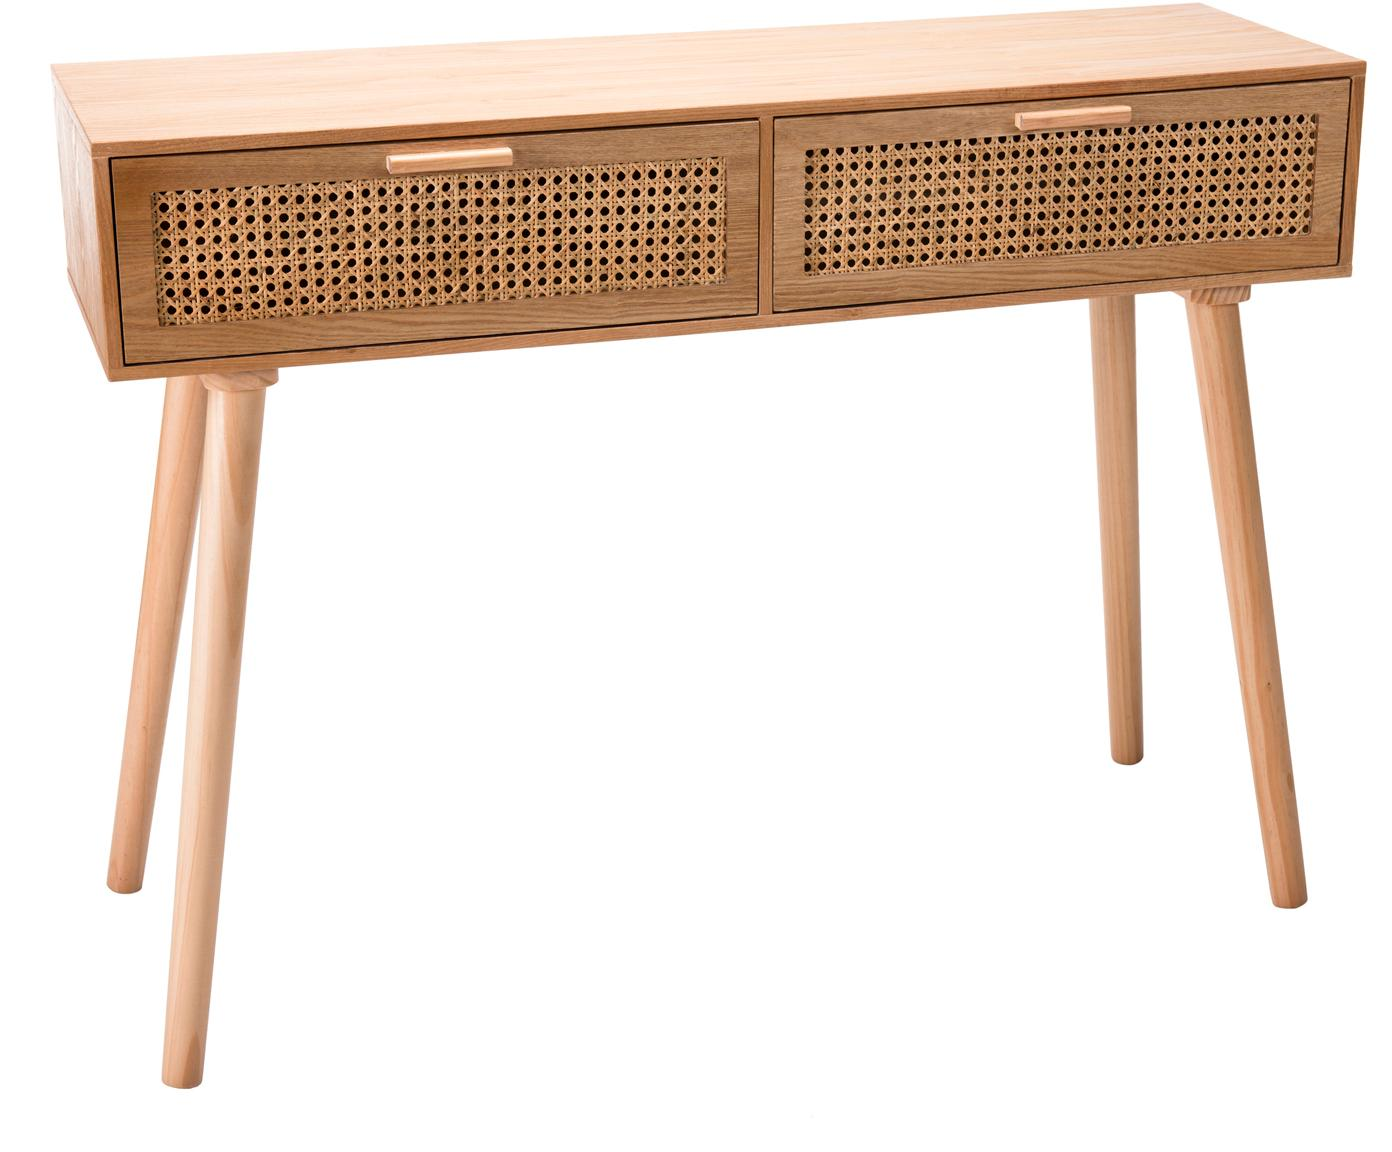 Consolle in legno con cassetti in vimini Romeo, Pannello di fibra a media densità (MDF), con finitura in frassino, Legno di frassino, Larg. 110 x Alt. 82 cm